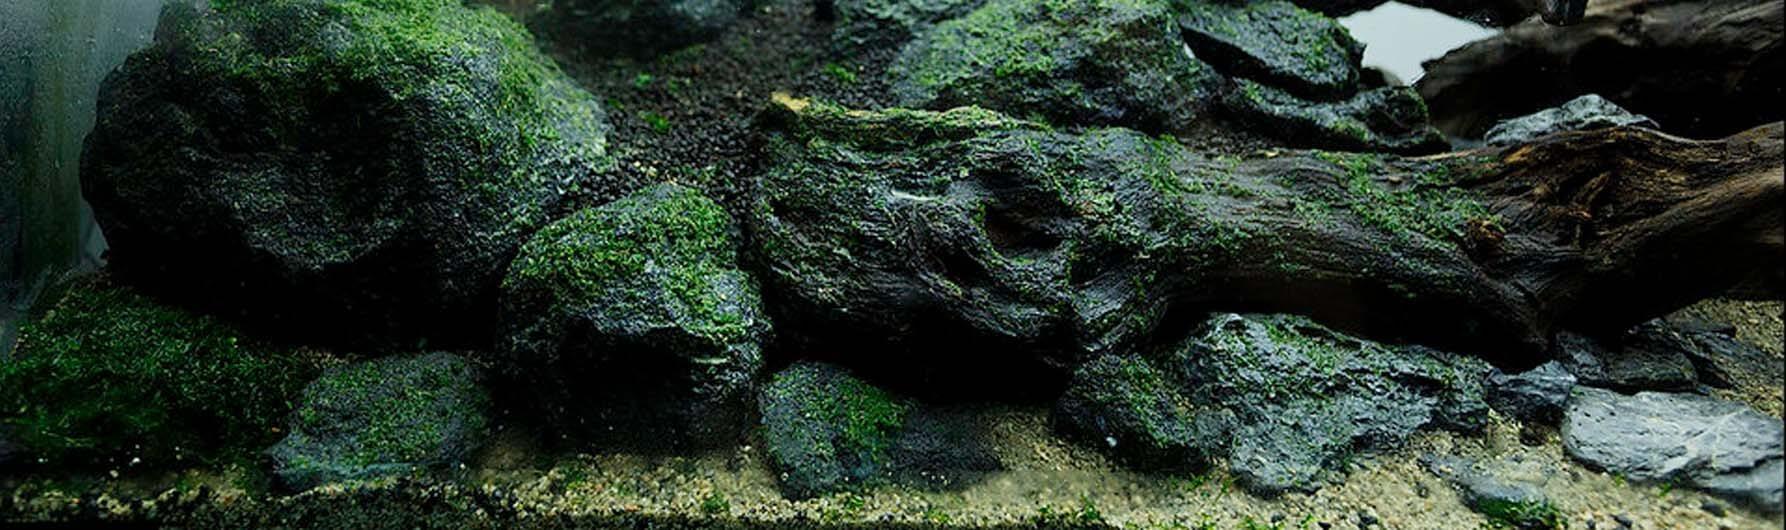 Как прикрепить мох в аквариуме